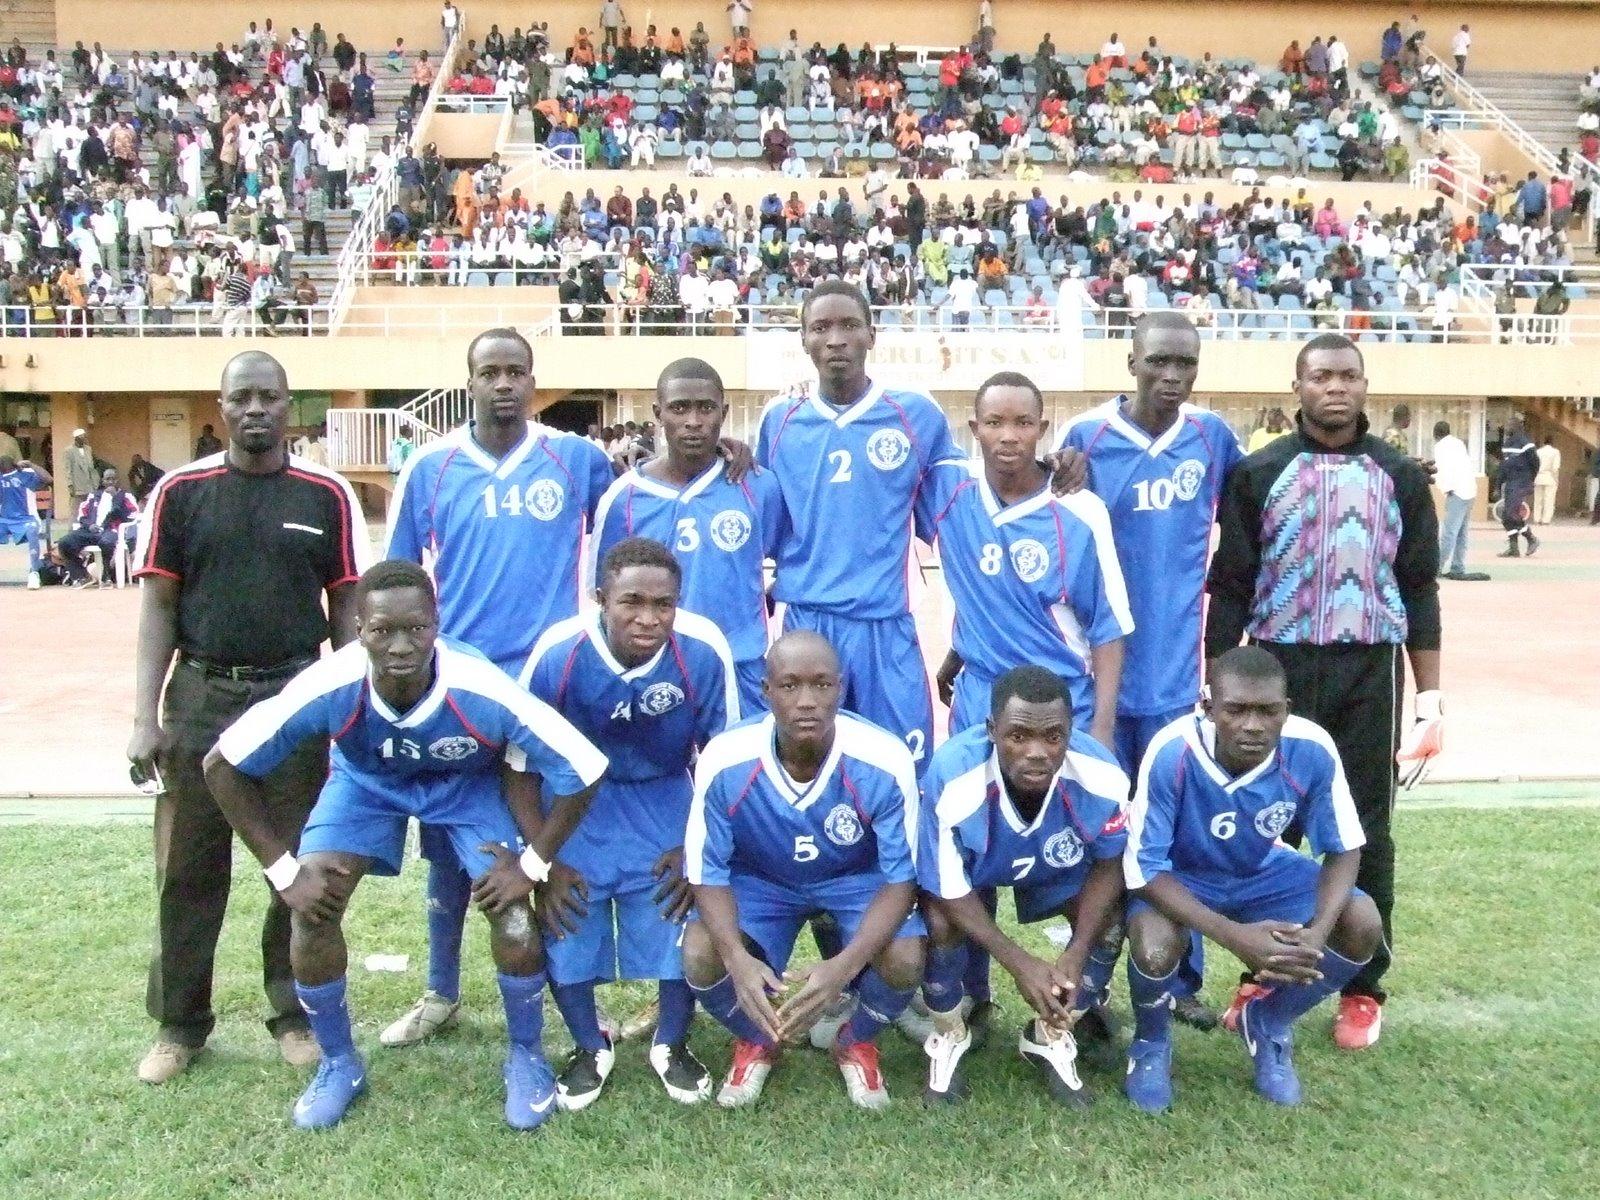 LIPTAKO FOOTBALL CLUB DE NIAMEY